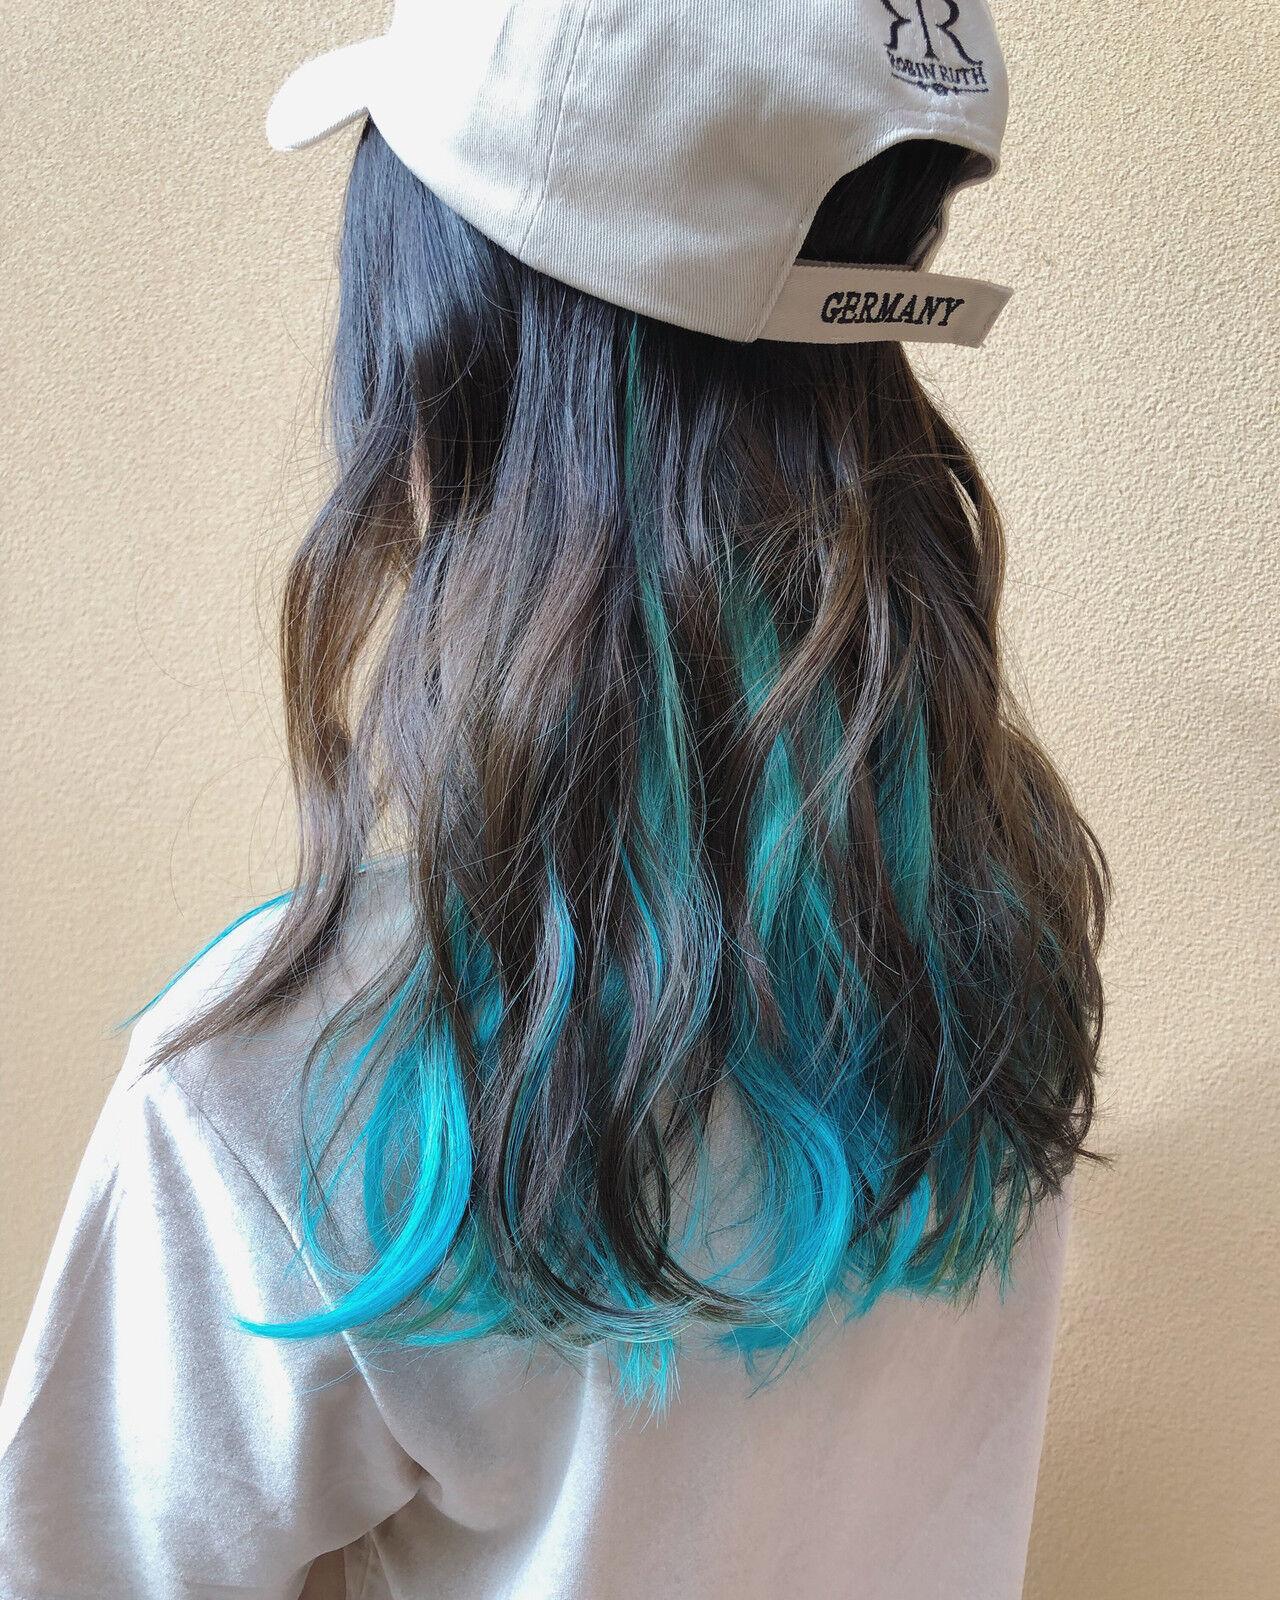 セミロング インナーカラー ストリート クールヘアスタイルや髪型の写真・画像